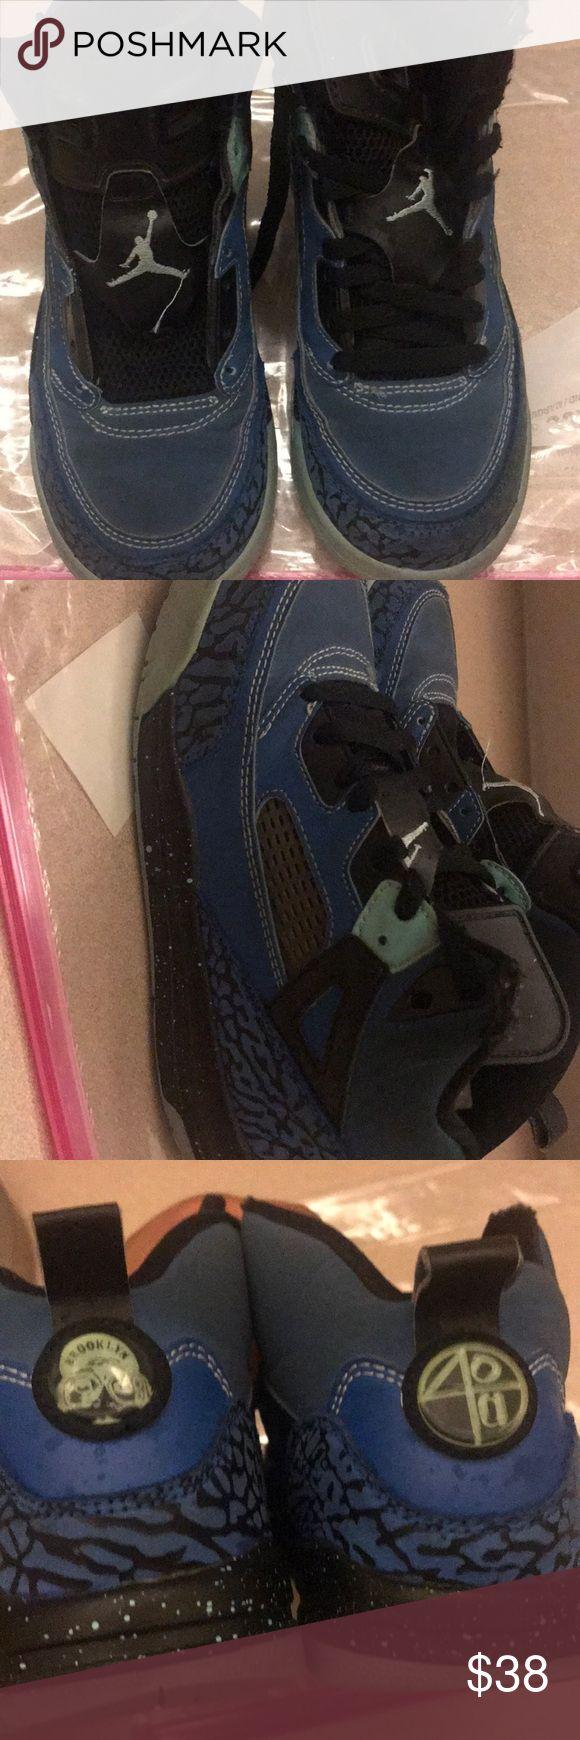 Jordan Spizike Boys retro spizike Jordan. Missing one shoe lace. Still a very good shoe Jordan Shoes Sneakers